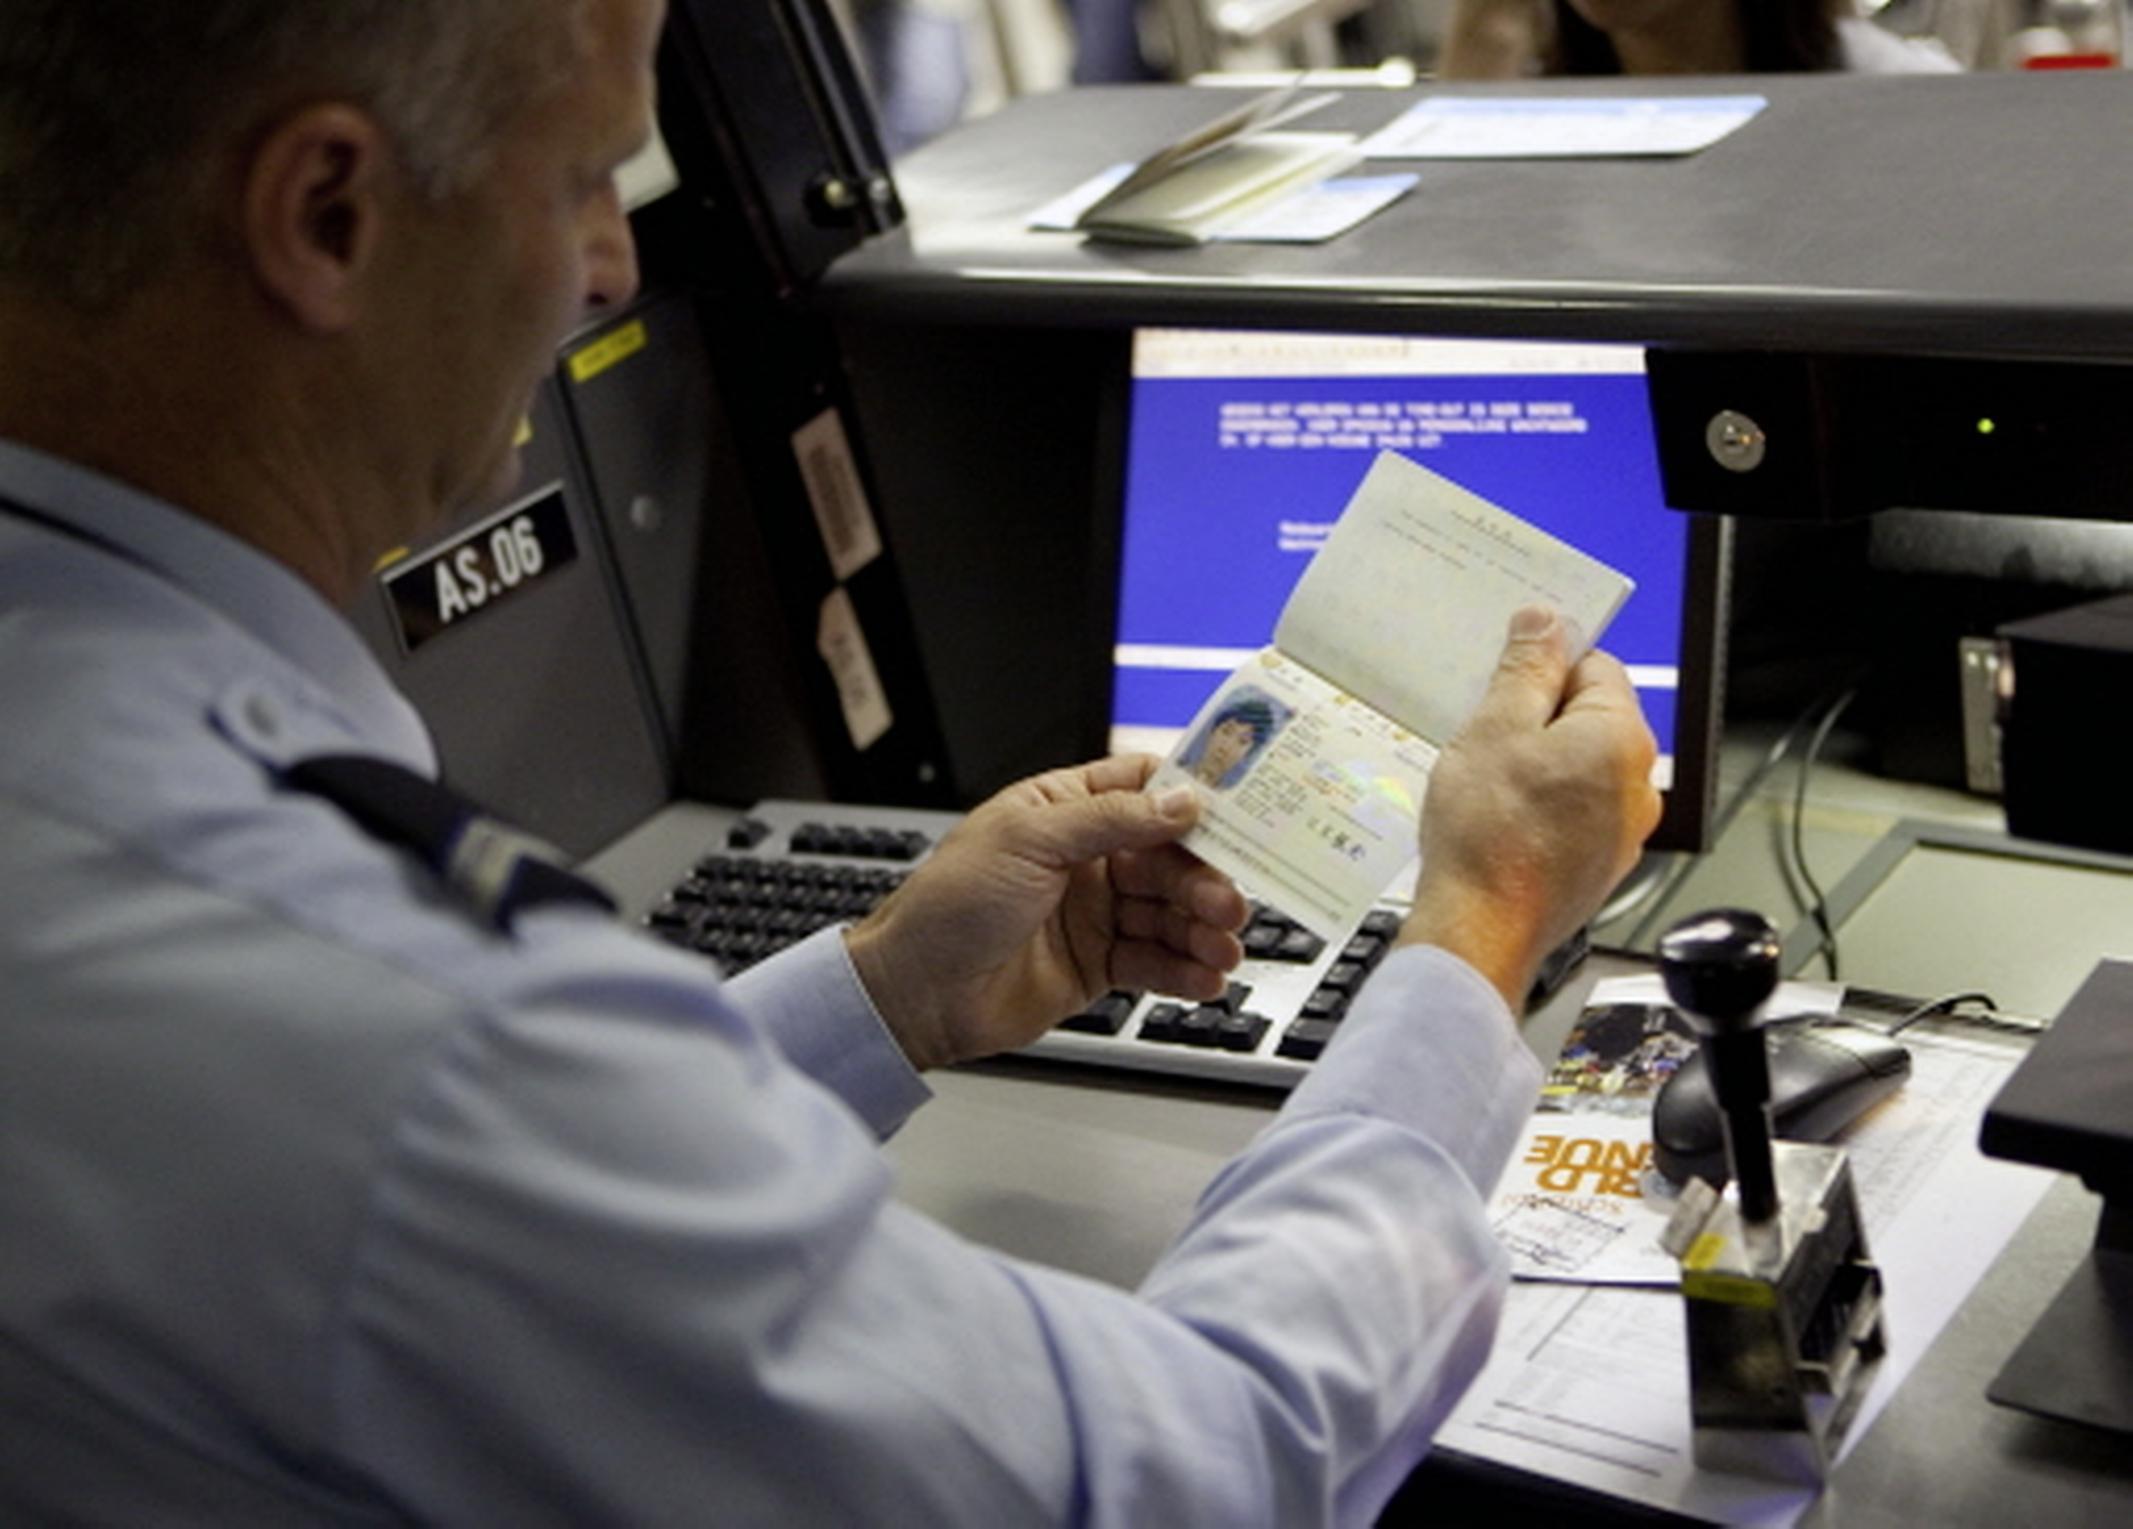 Elf personen met valse paspoorten onderschept op Schiphol, mogelijk sprake van mensensmokkel